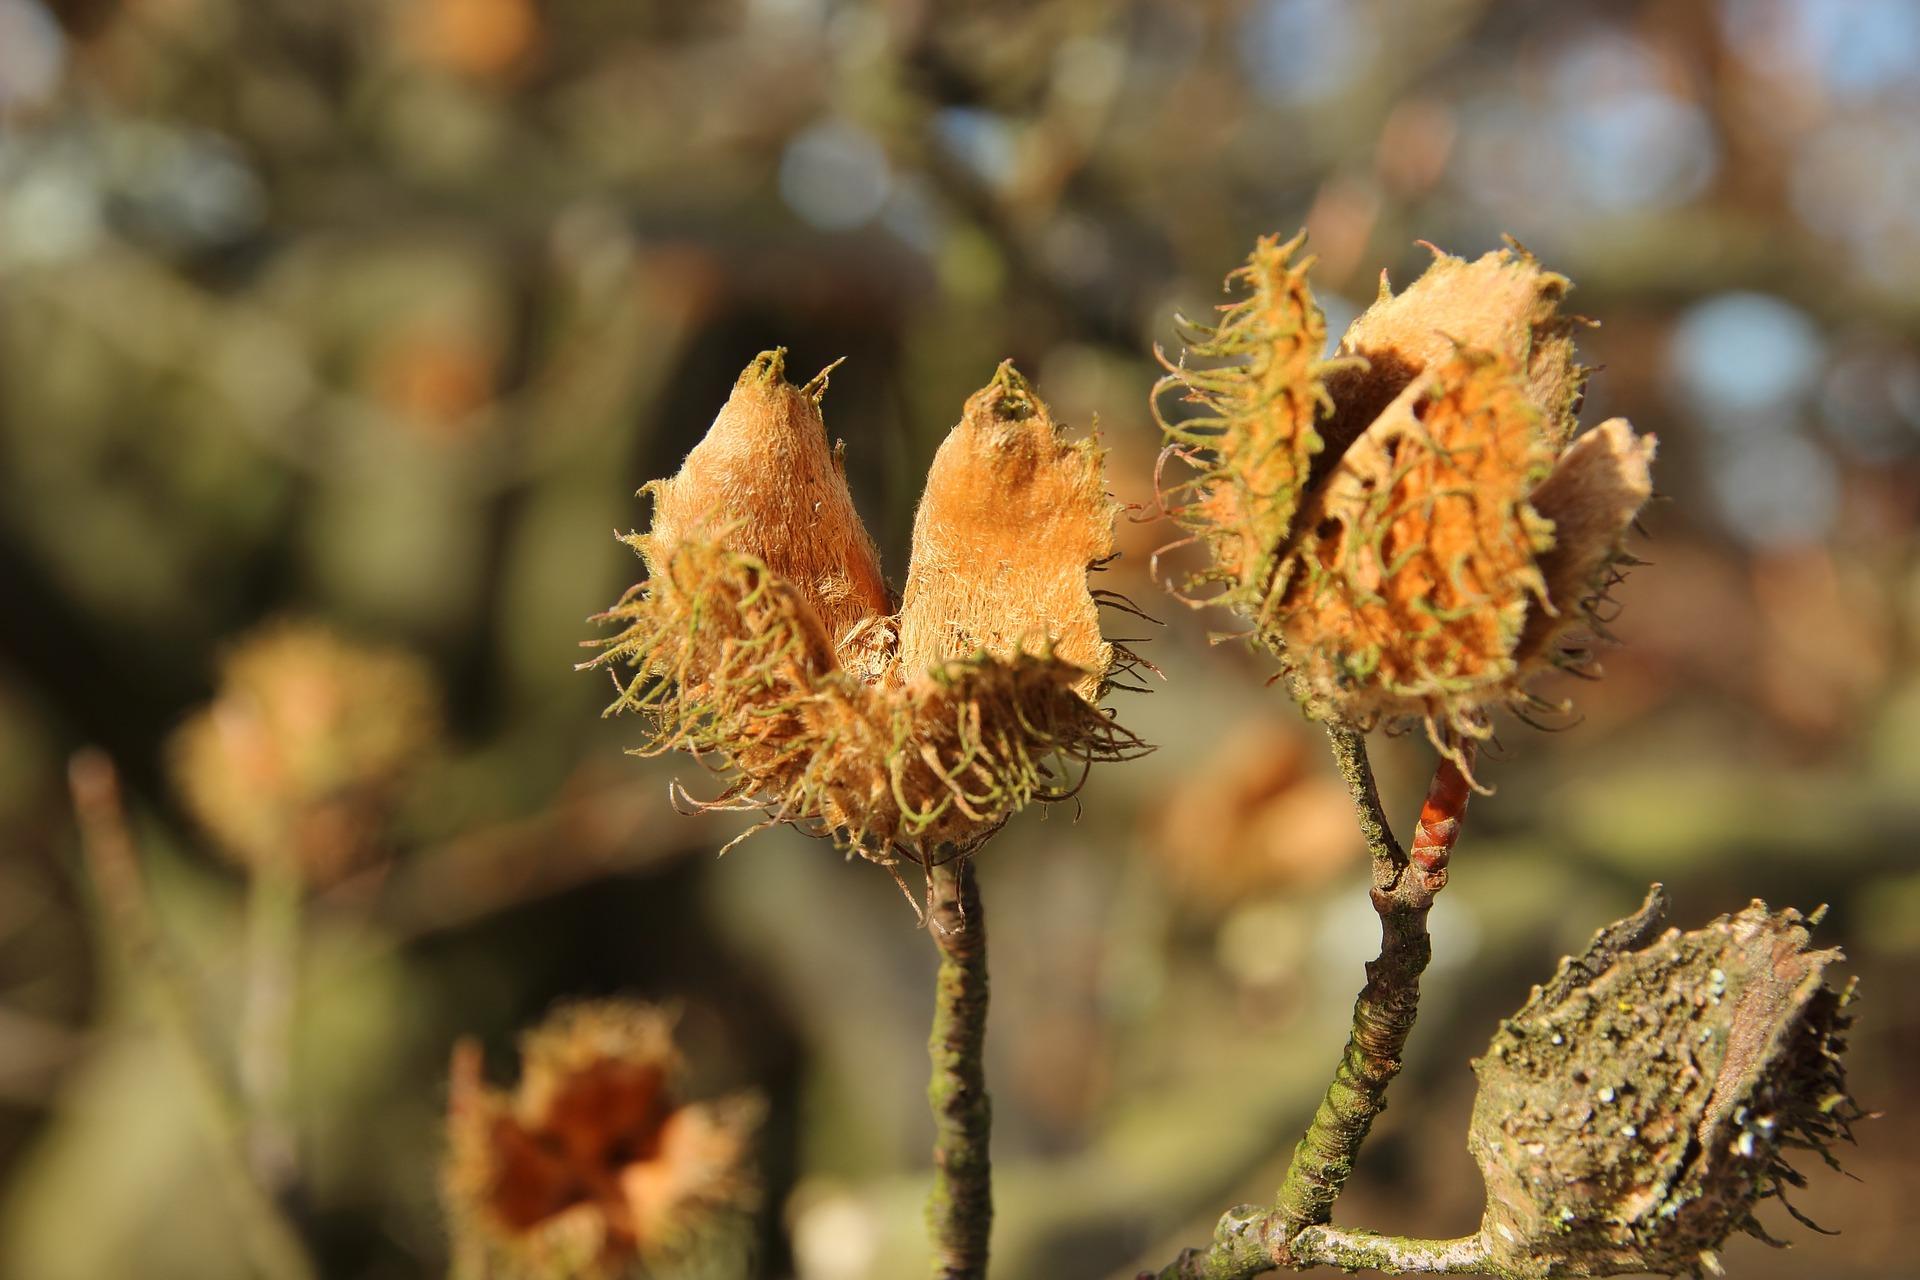 Die Fruchtkapsel – also die Hülle – öffnet sich, wenn die Bucheckerl reif sind. Fotocredit: © meineresterampe/Pixabay